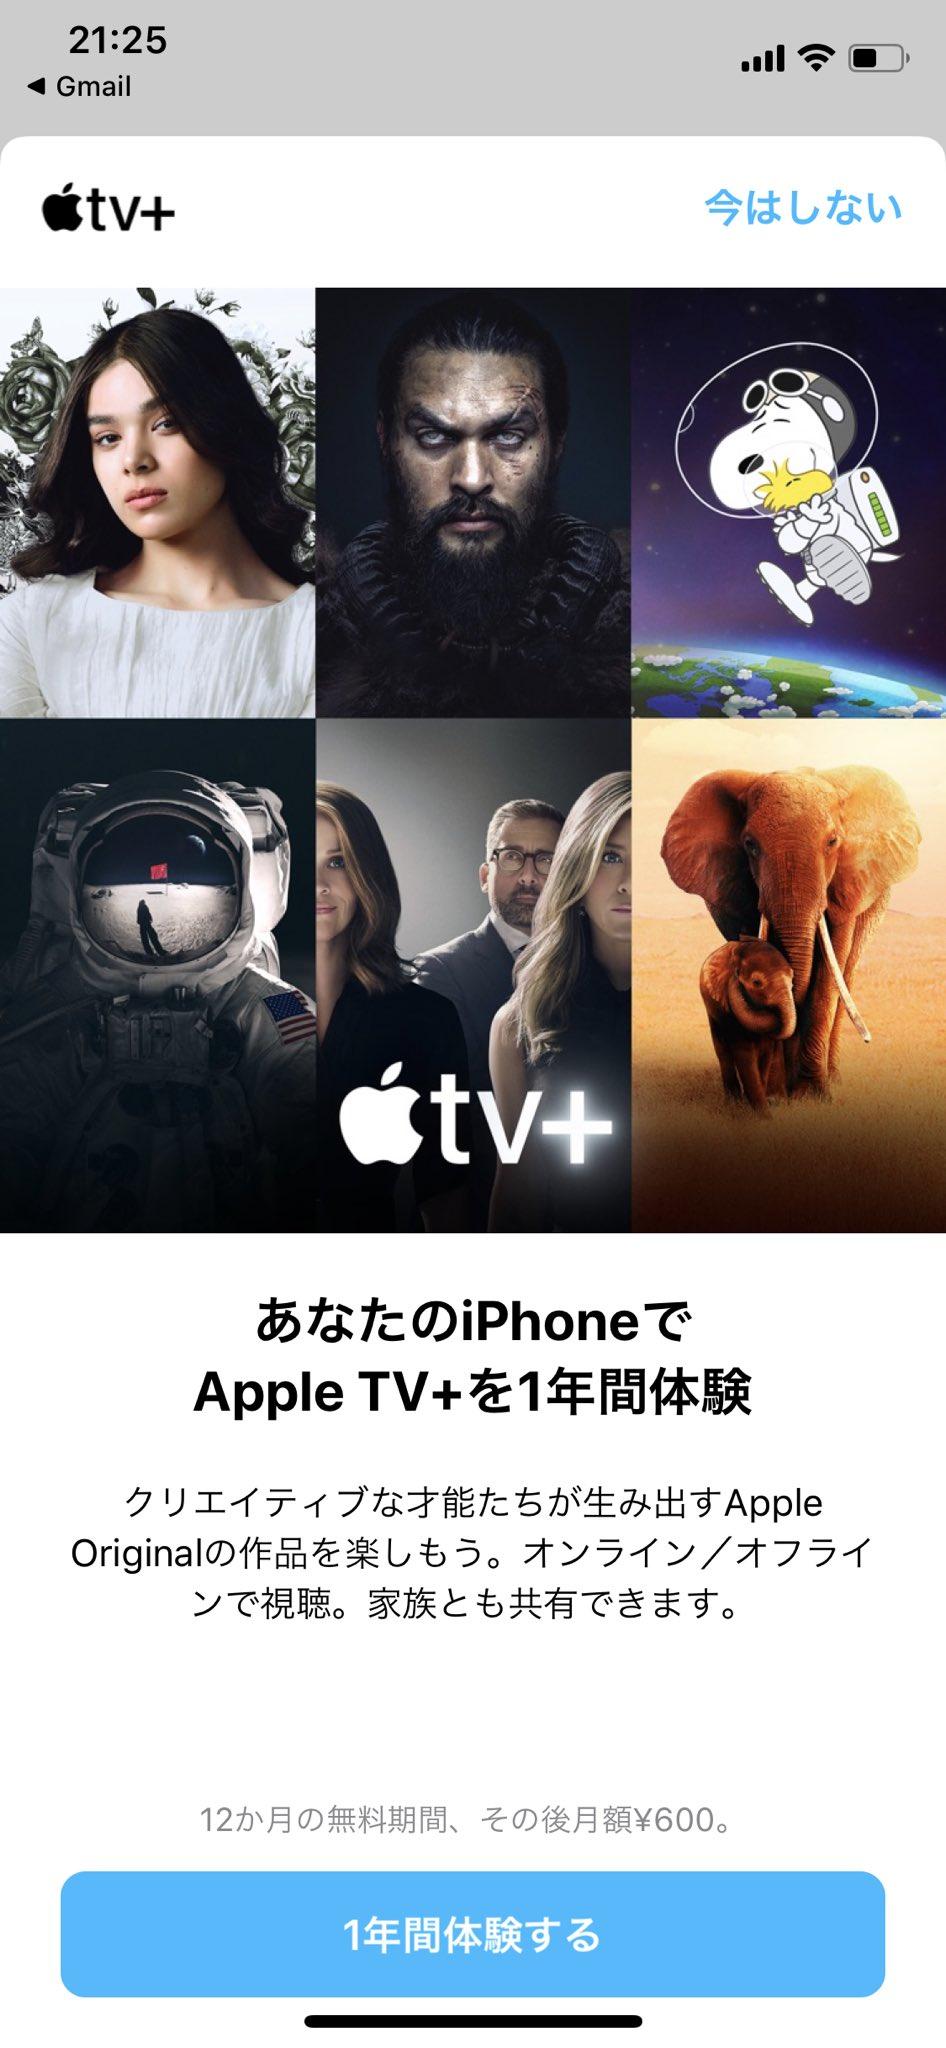 Apple TV+  1年間の無料トライアル付きでサブスクリプションを購入してみた。 https://t.co/bHf3giKH11